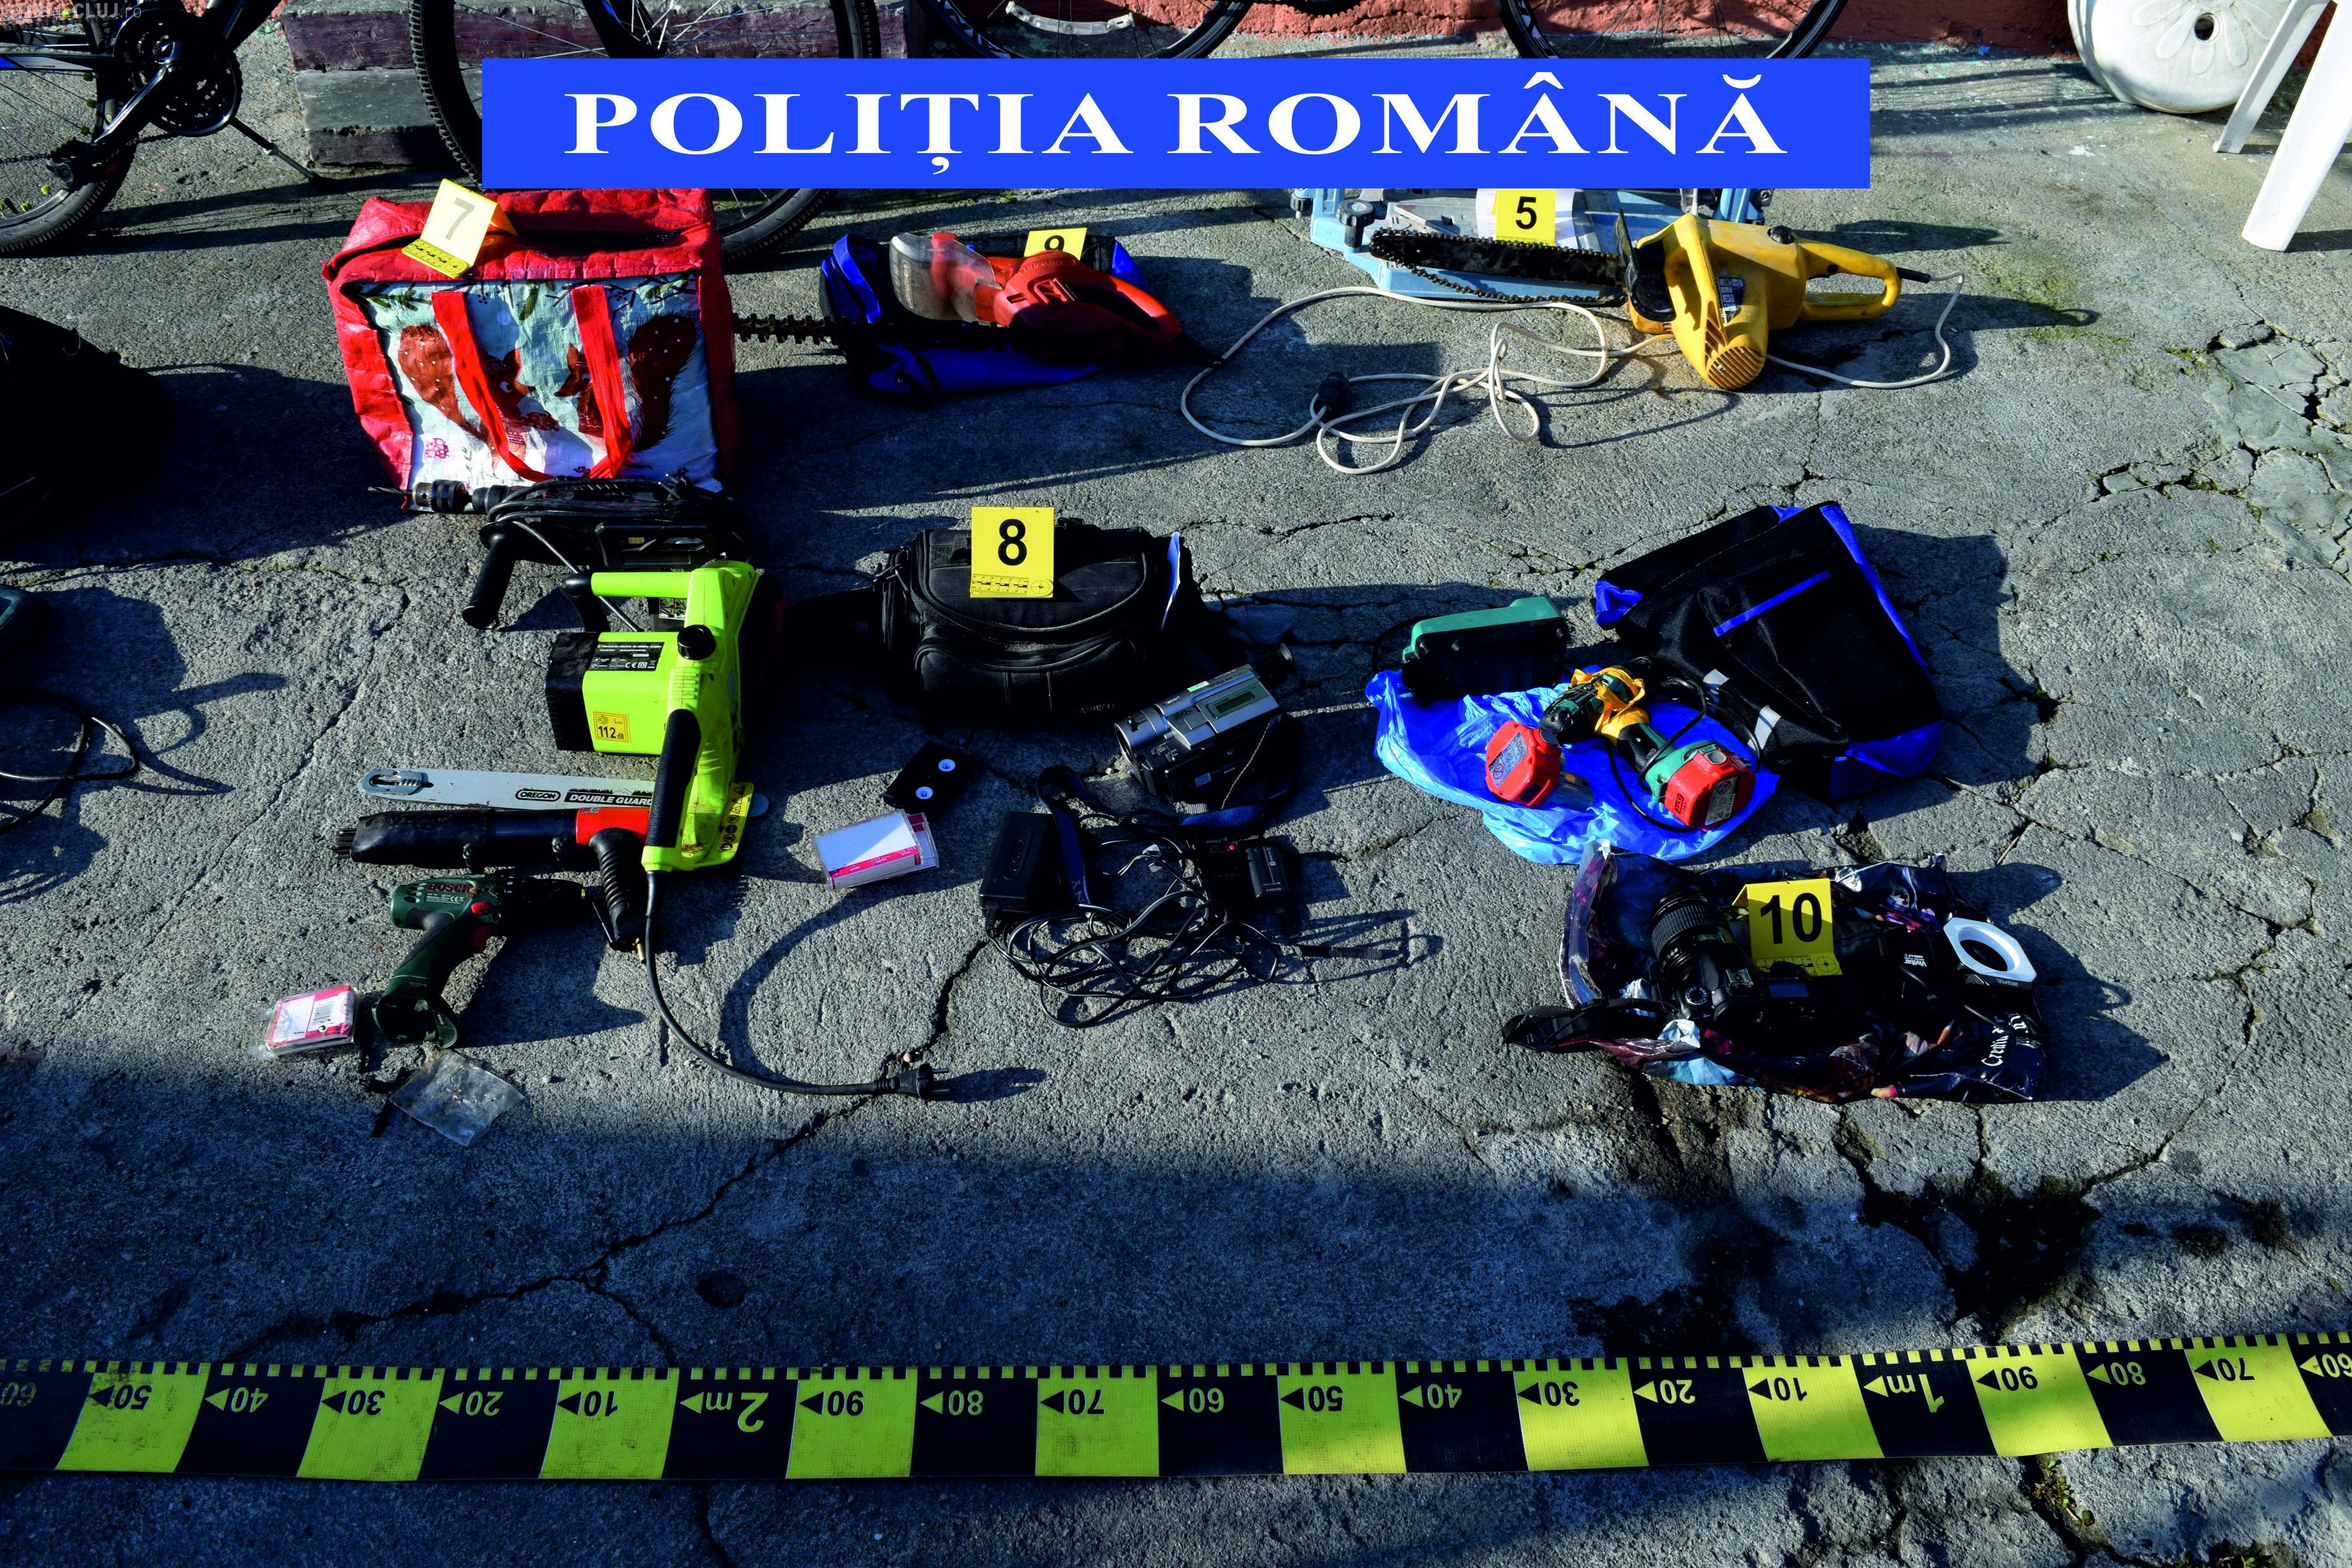 """CLUJ: Percheziții la un spărgător """"profesionist"""". Polițiștii au găsit cantități impresionante de bunuri furate FOTO/VIDEO"""